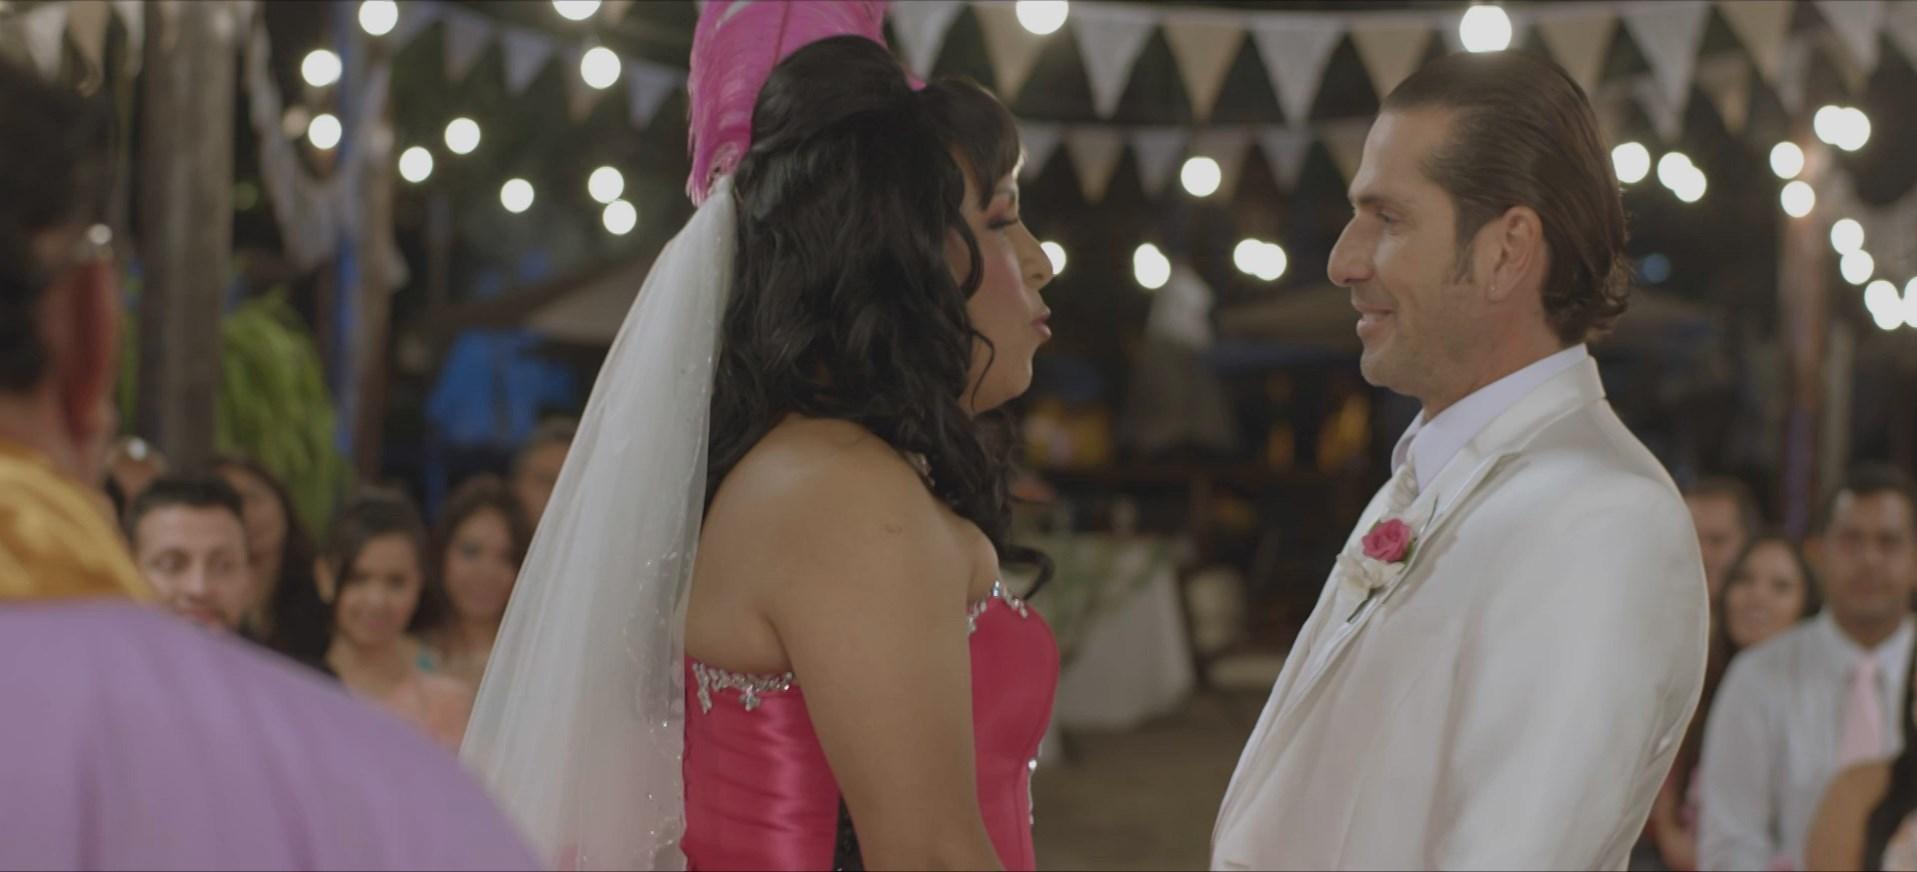 ¿Mi novia es él? (2019) 1080p WEB-DL AMZN Latino